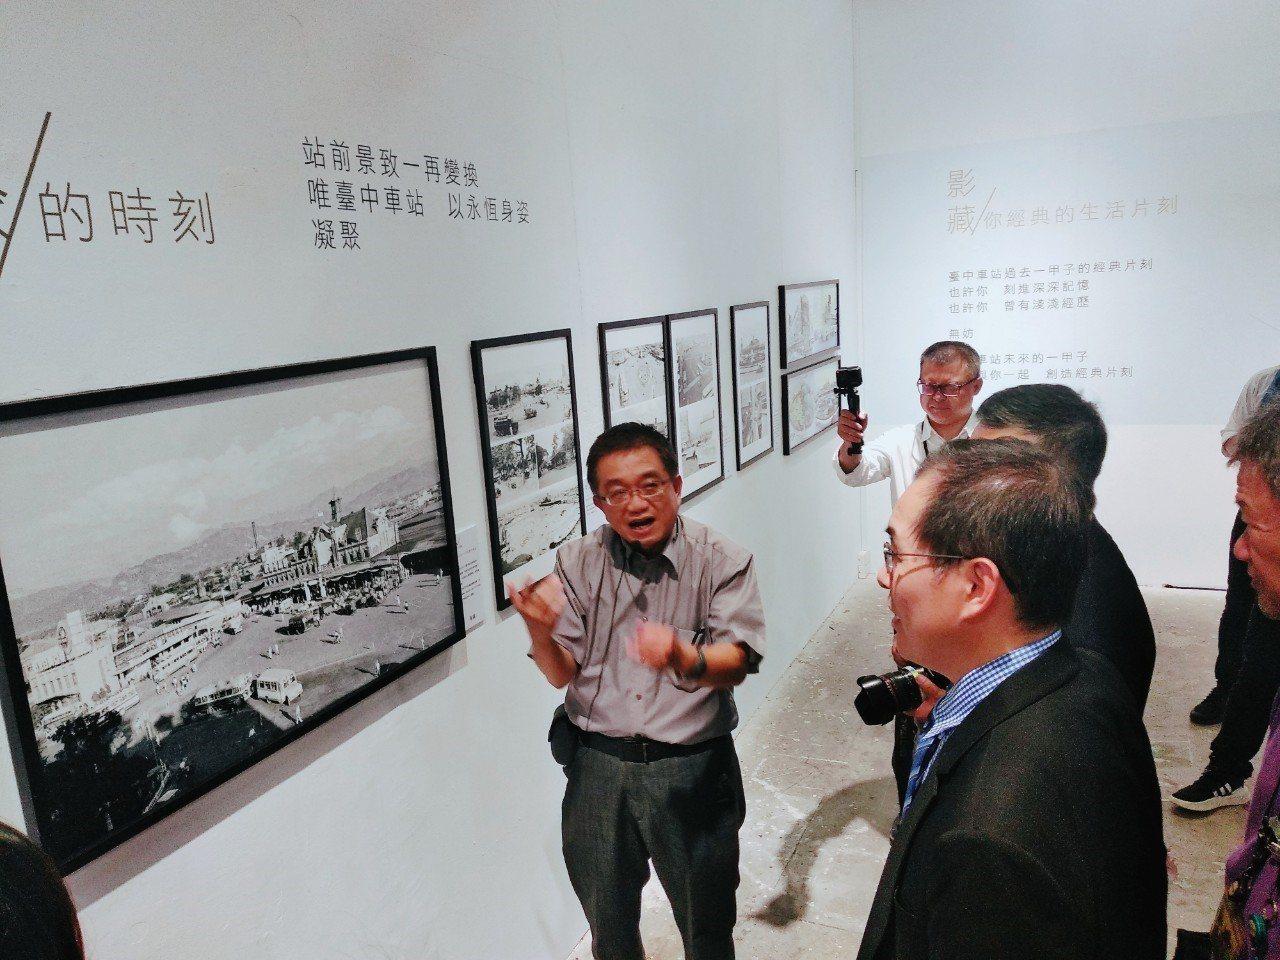 台中車站20號倉庫展出攝影名家余如季的作品展,台中車站周邊不復存在的天橋、地下道...